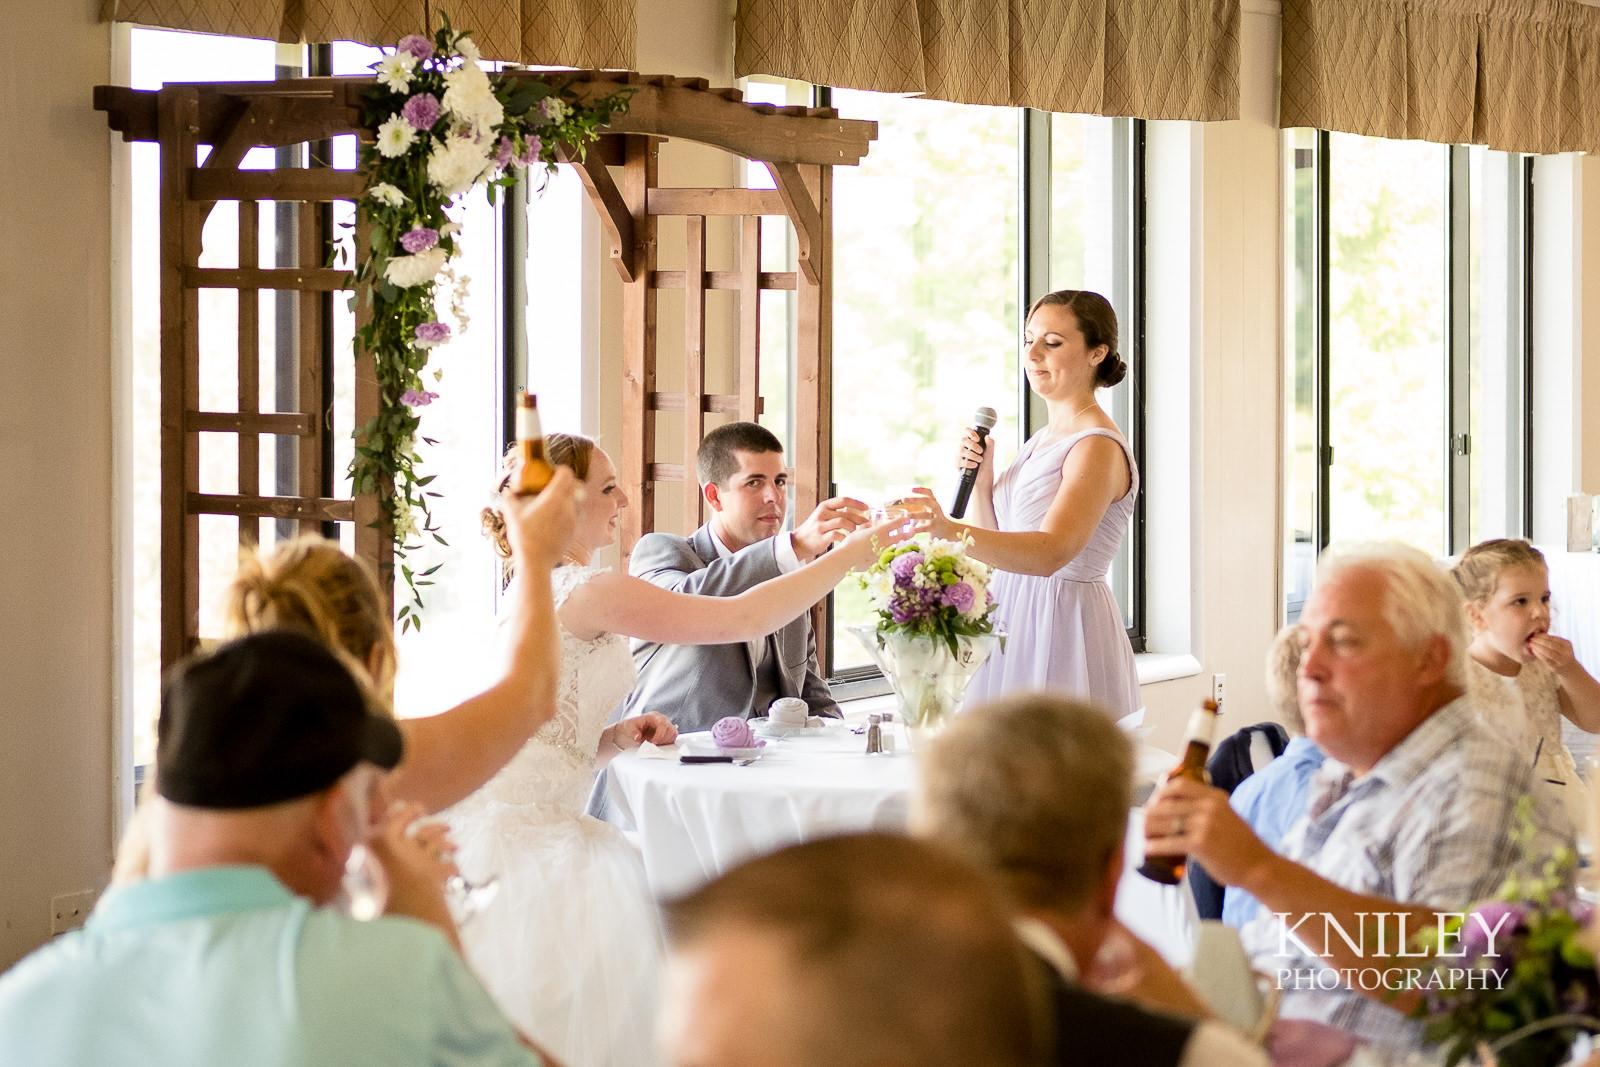 085 - Sodus Bay Heights Golf Club Wedding Pictures -XT2B5876.jpg